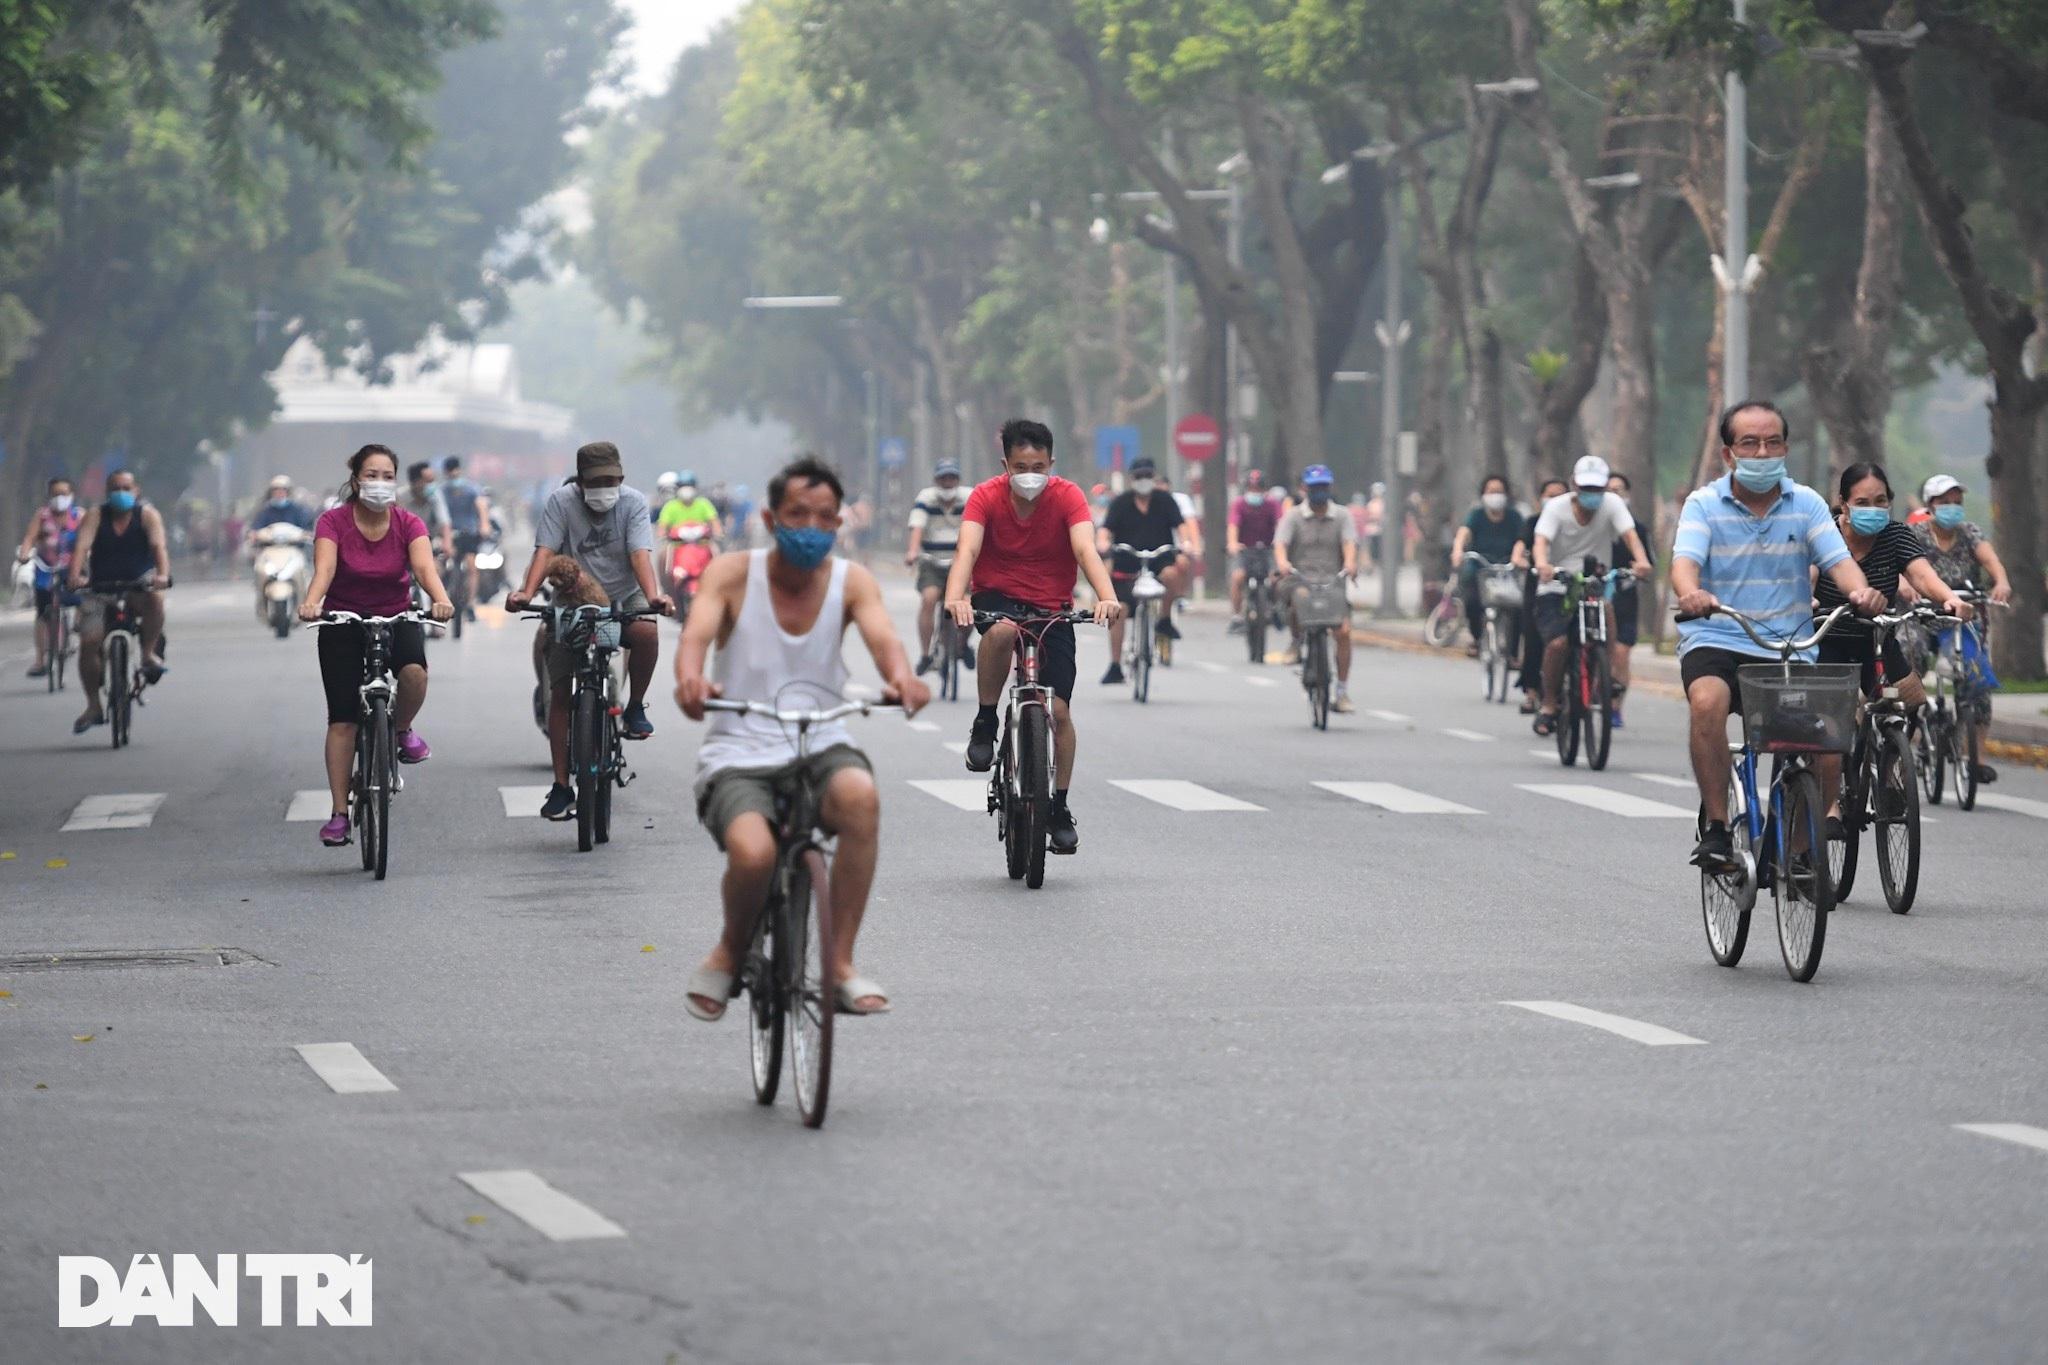 Sau nới lỏng, người dân Hà Nội đổ ra đường tập thể dục từ tờ mờ sáng - 3